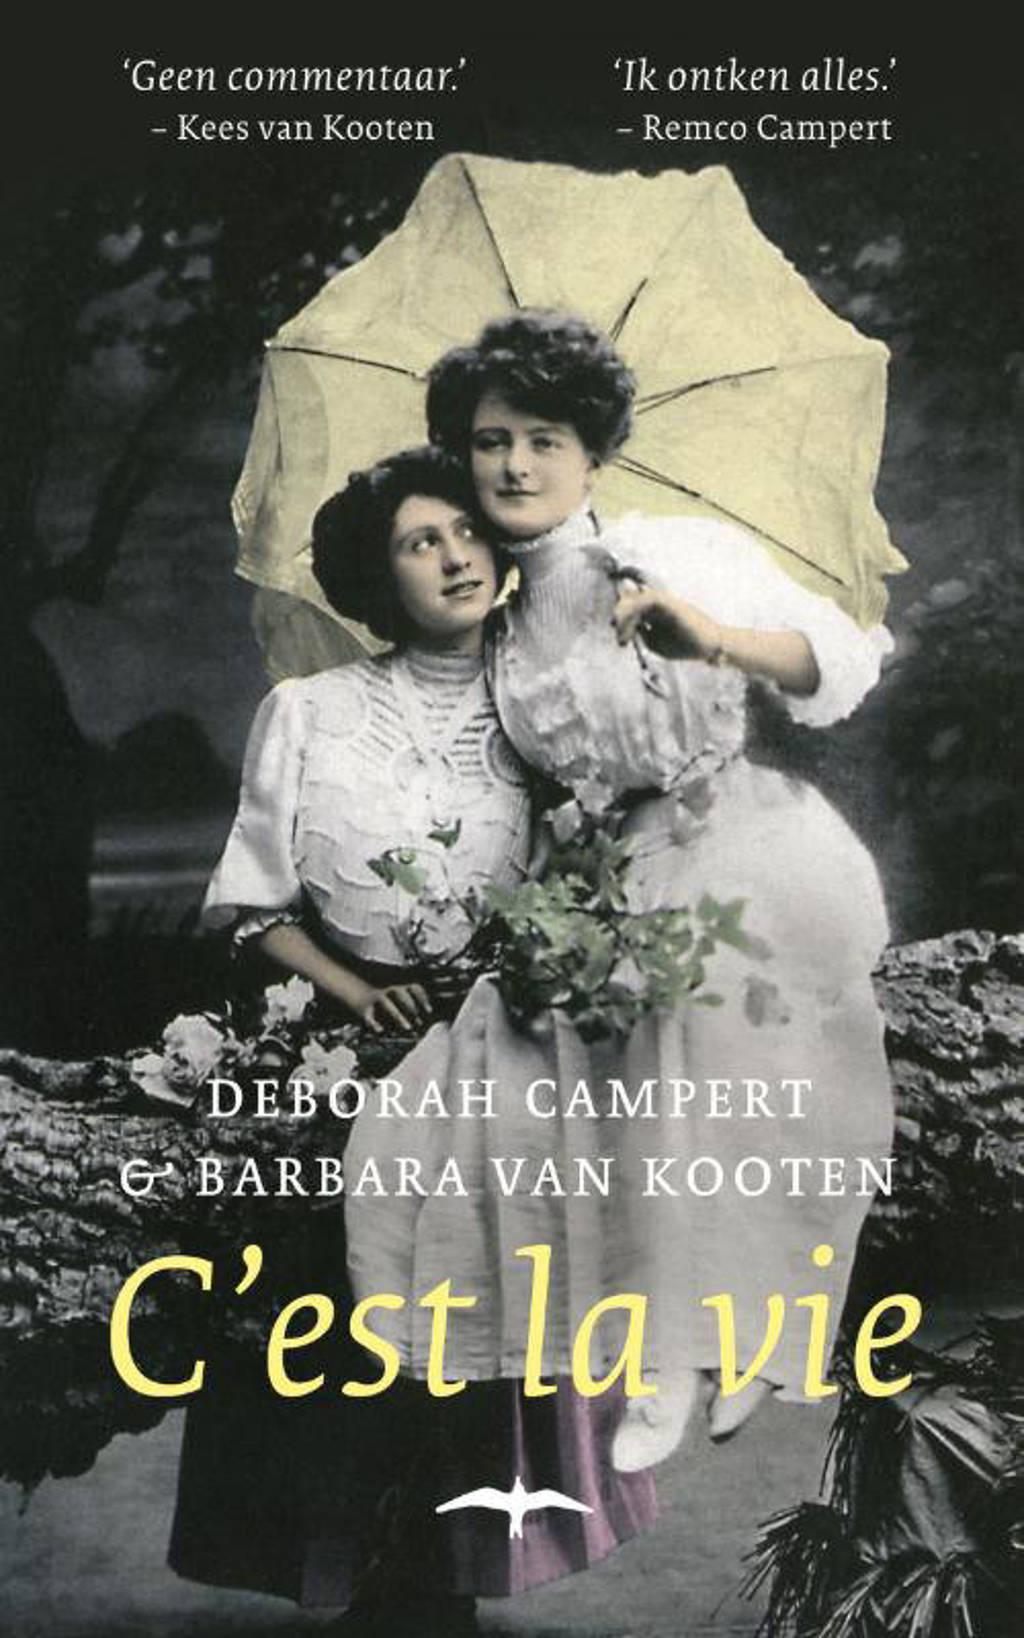 C'est la vie - Deborah Campert en Barbara van Kooten